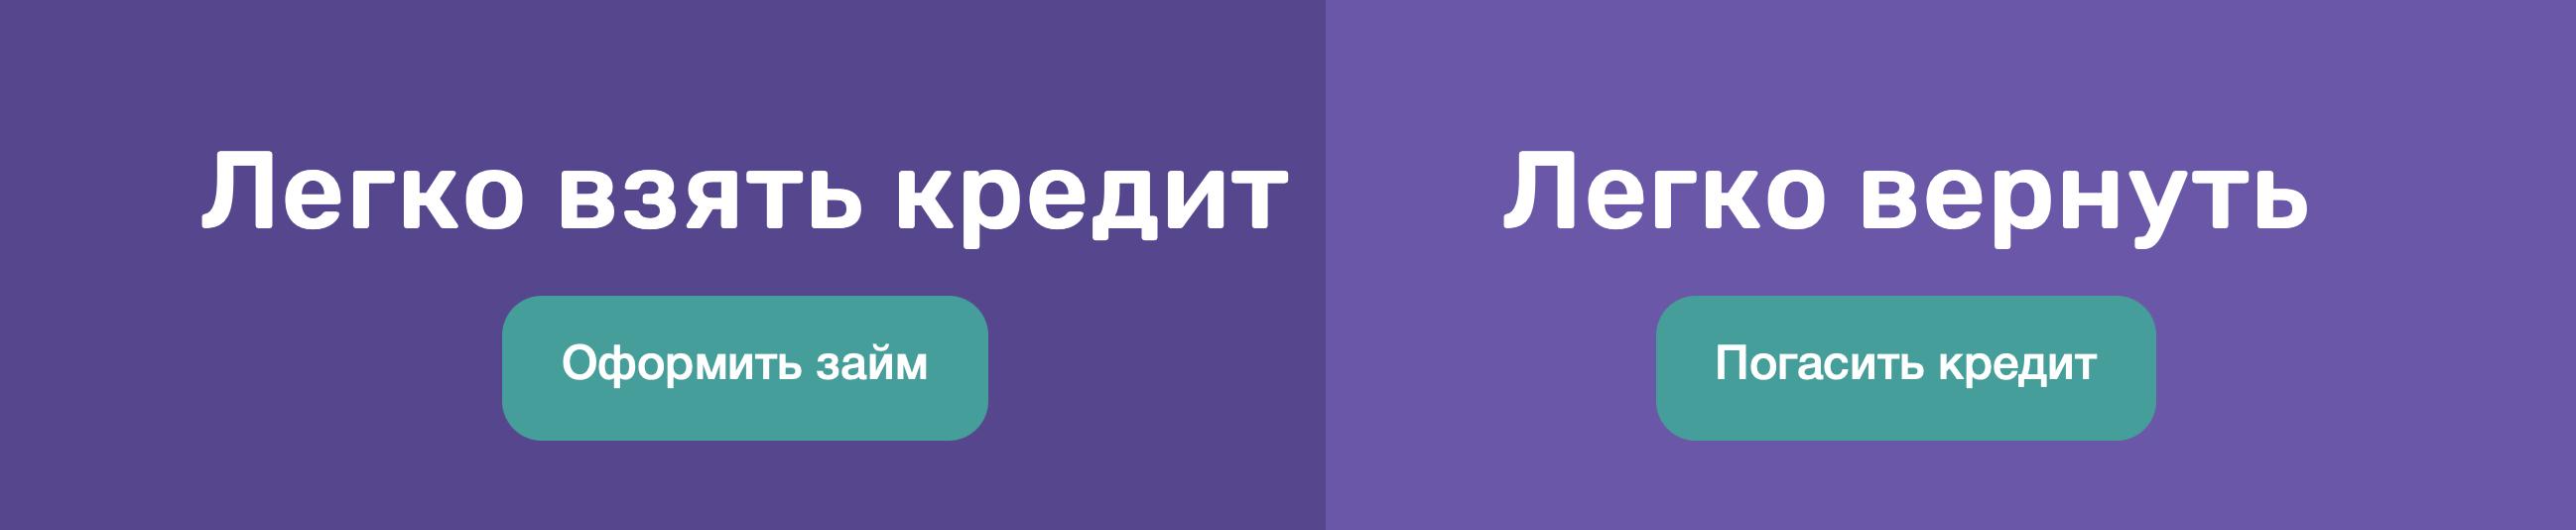 Новая кредитная компания в Украине - Традиция